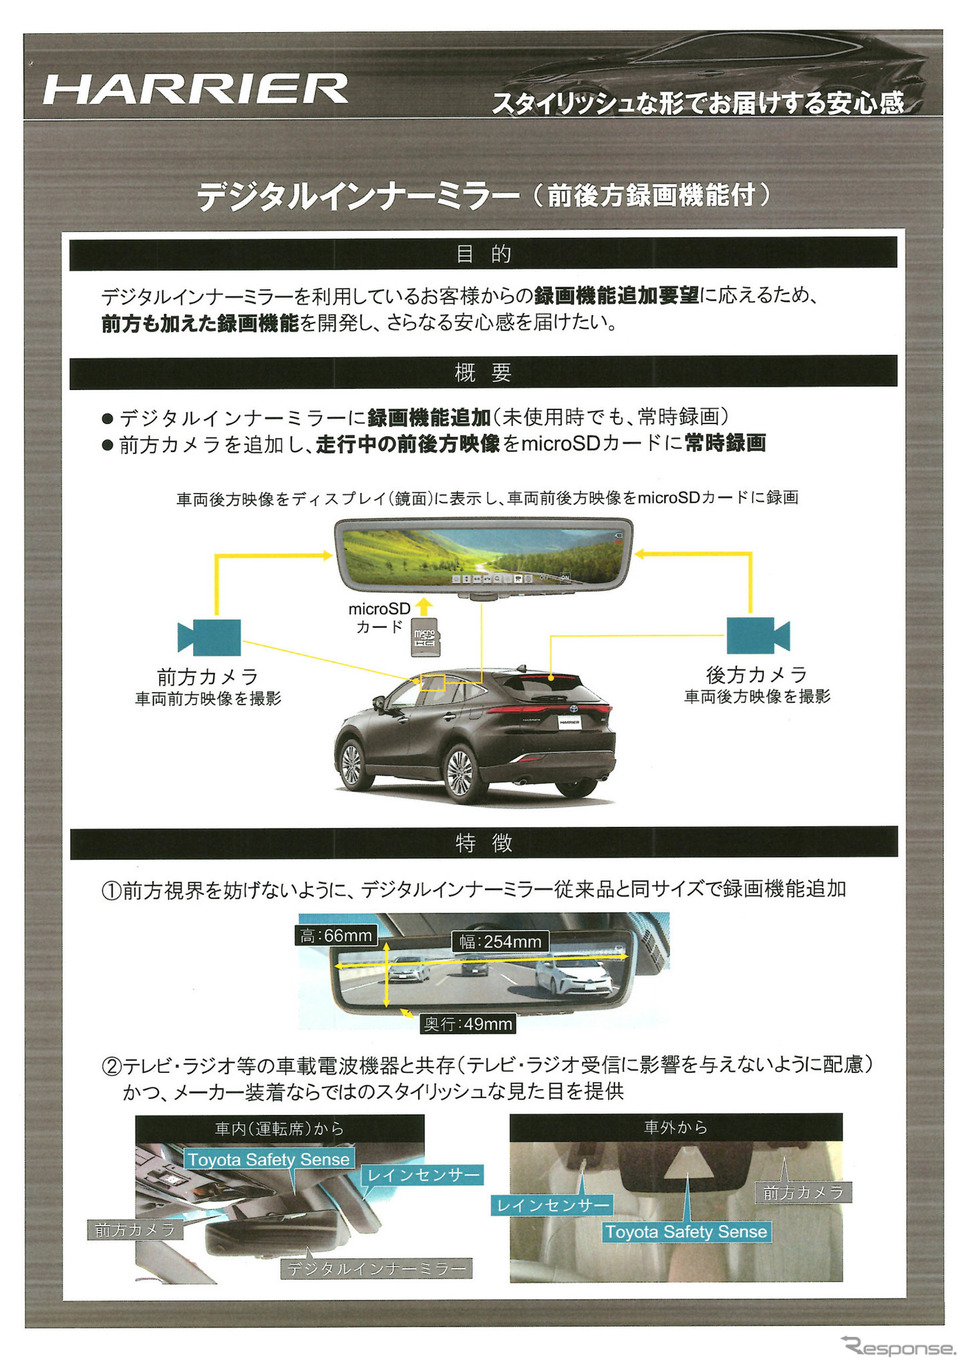 新型ハリアーのデジタルインナーミラー資料